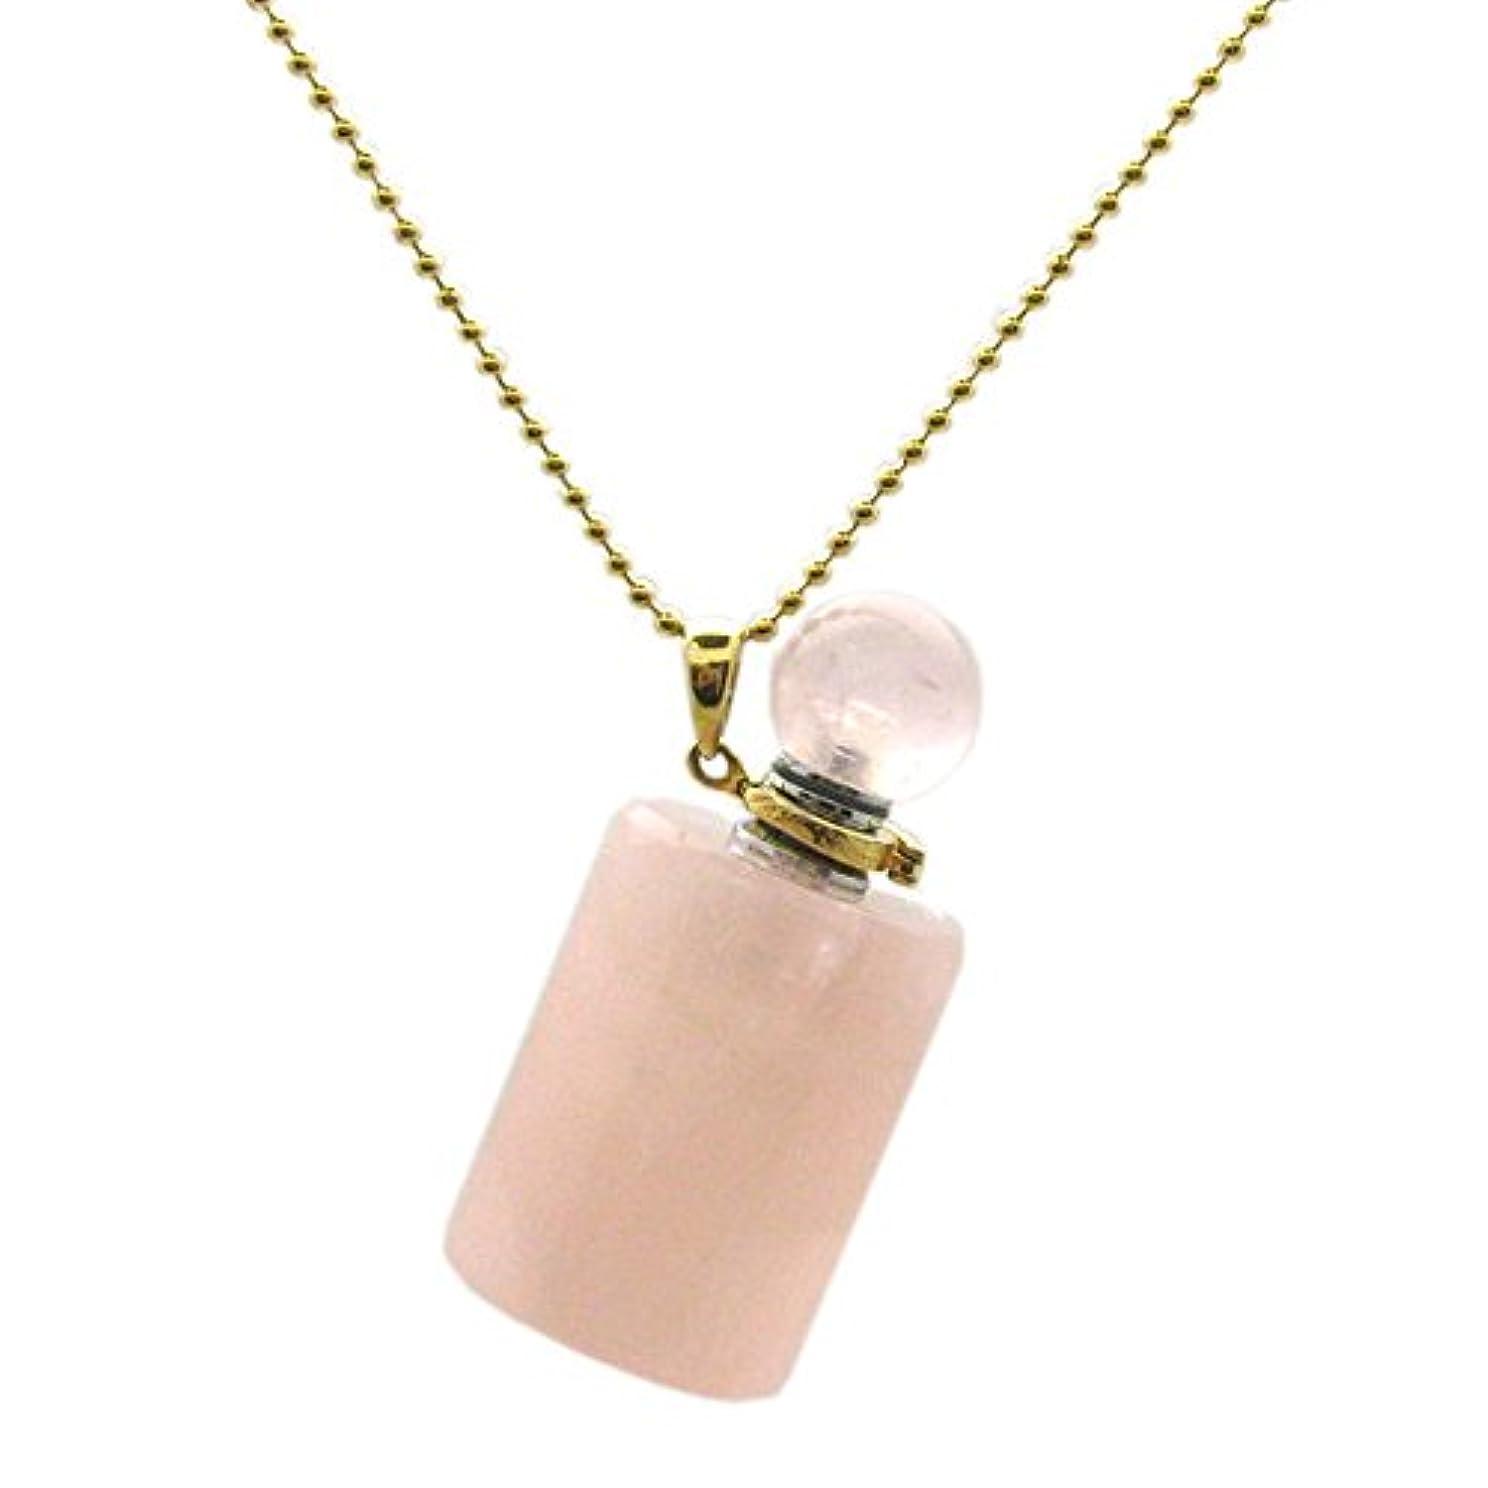 コスチュームぬれた冷蔵庫ケイトAvenue Gold over Sterling Silver Gemstone Aromatherapy Essential Oil Diffuserネックレス、香水とMosquito Repellentネックレス...